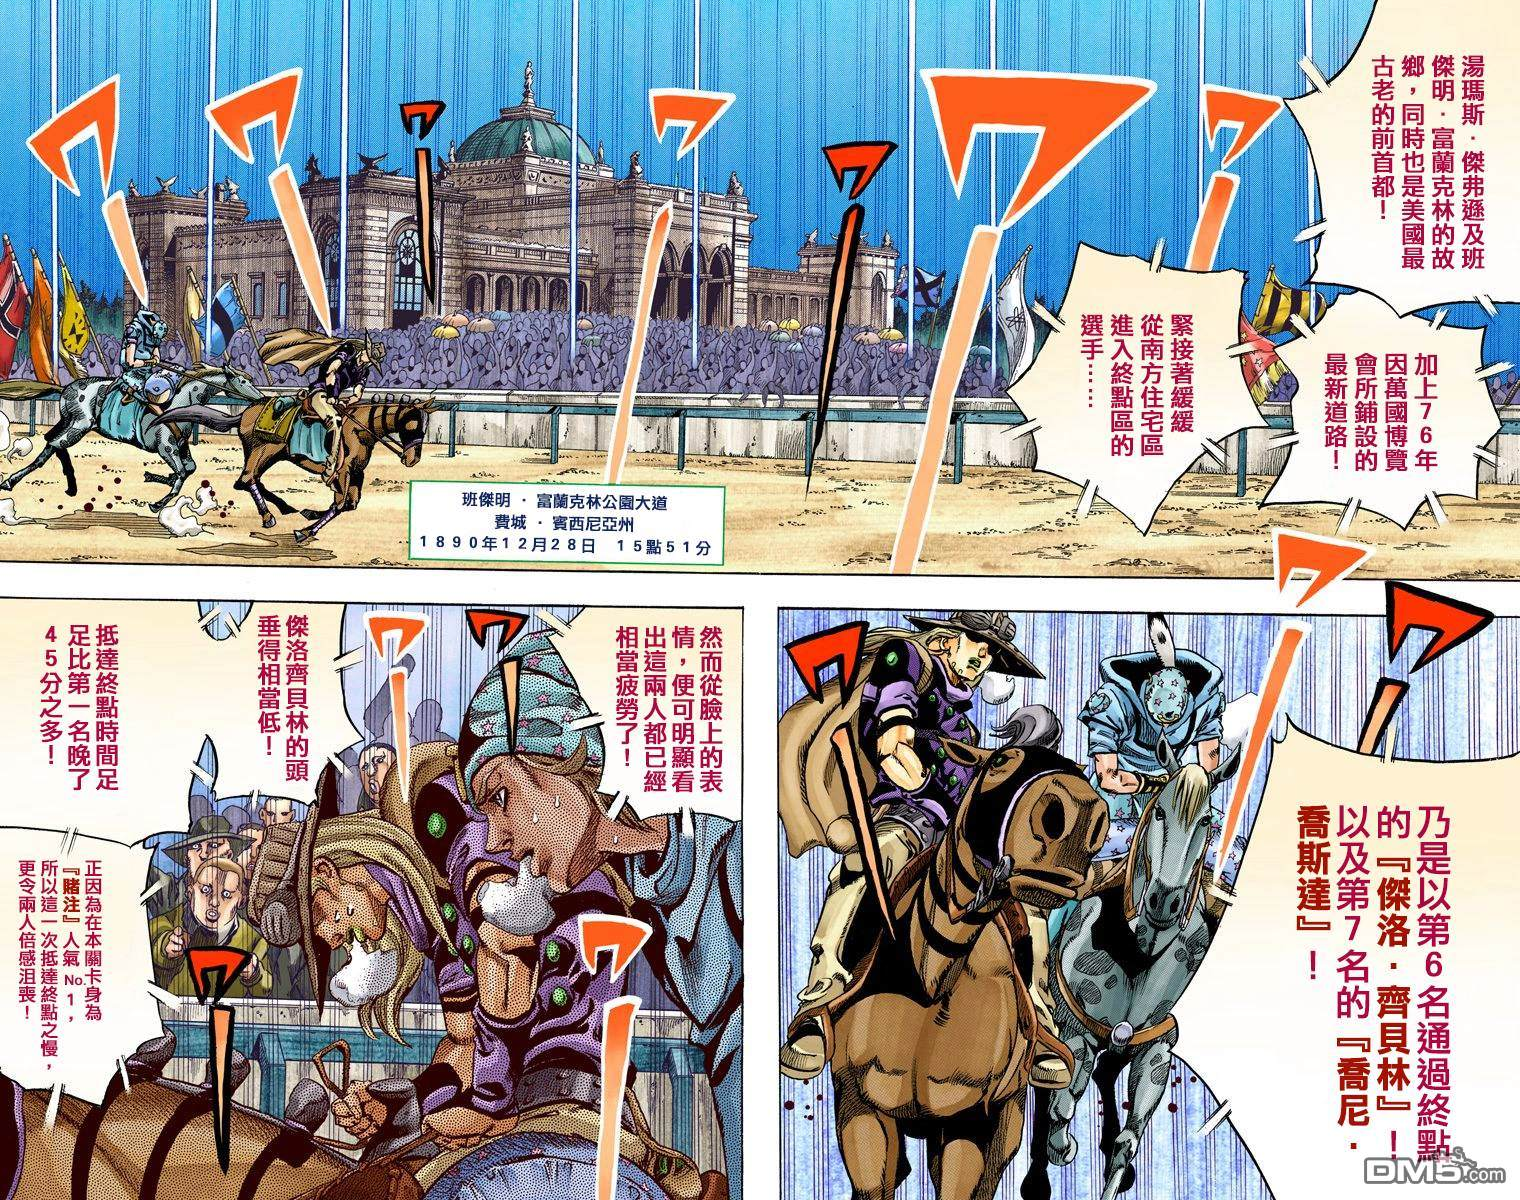 JoJo奇妙冒險漫畫第7部16卷全彩(第3頁)劇情-二次元動漫